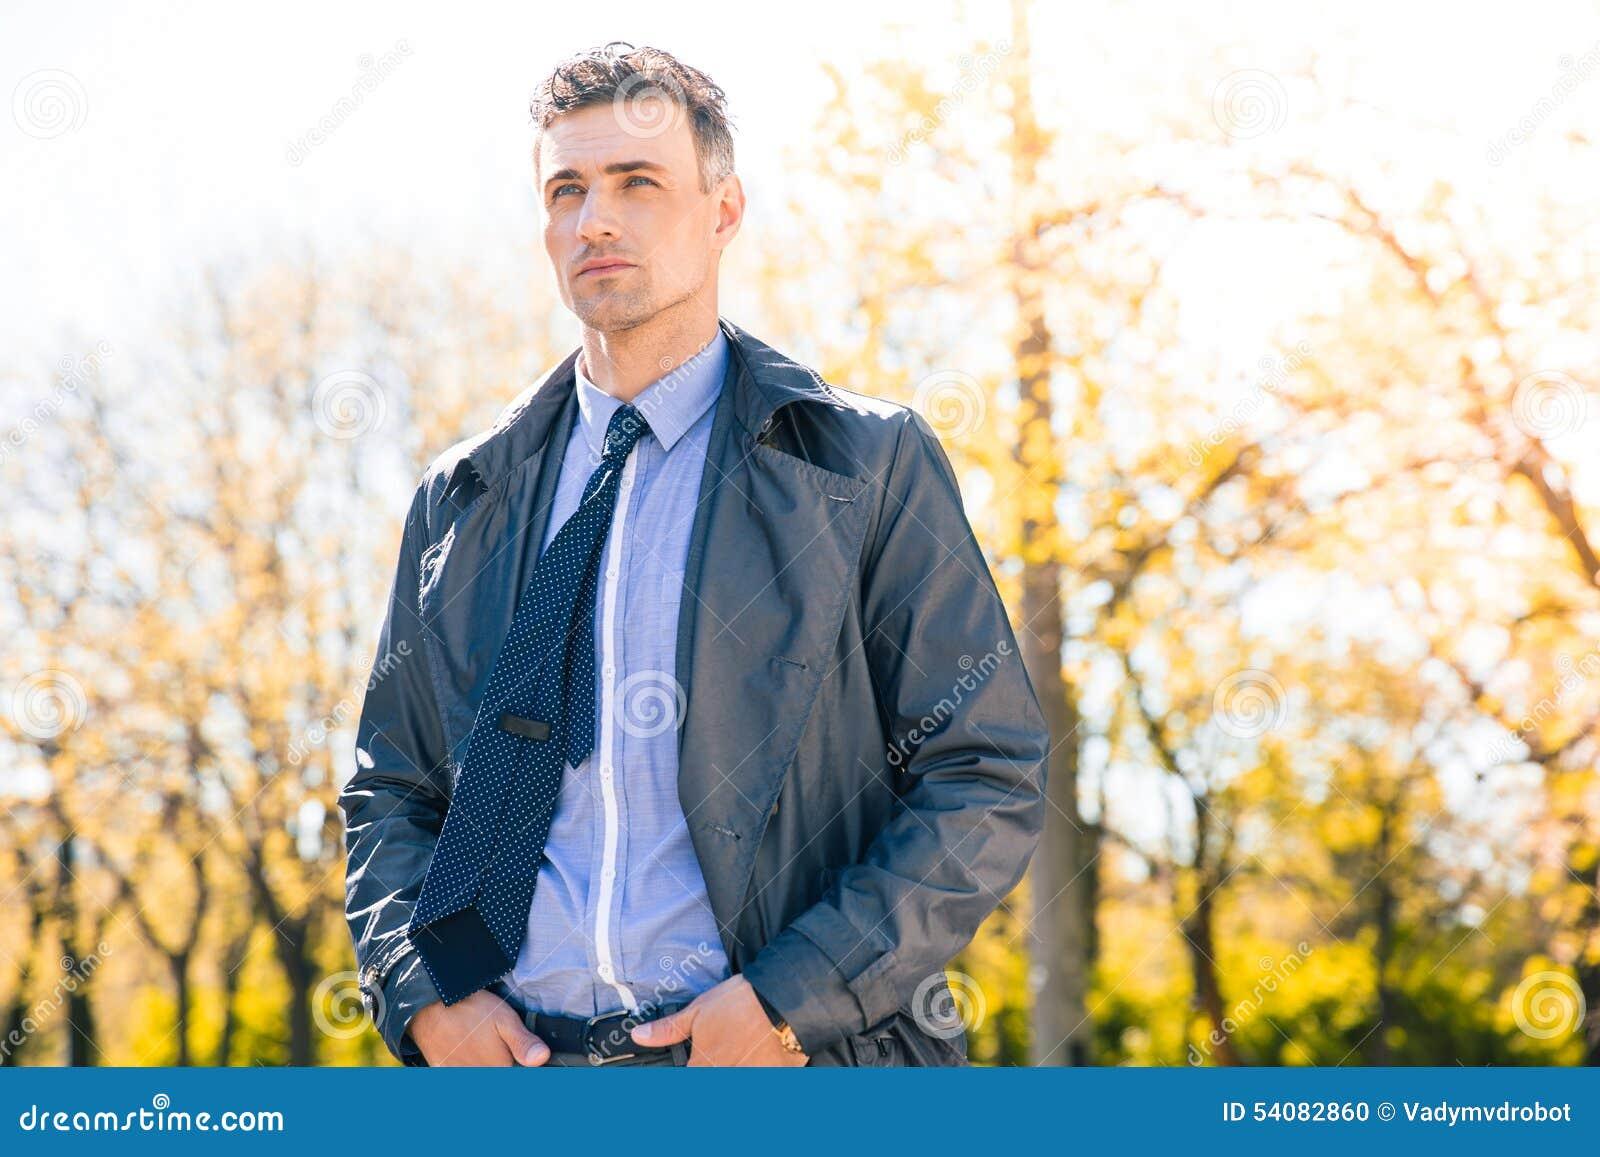 Portret van een zekere zakenman in openlucht